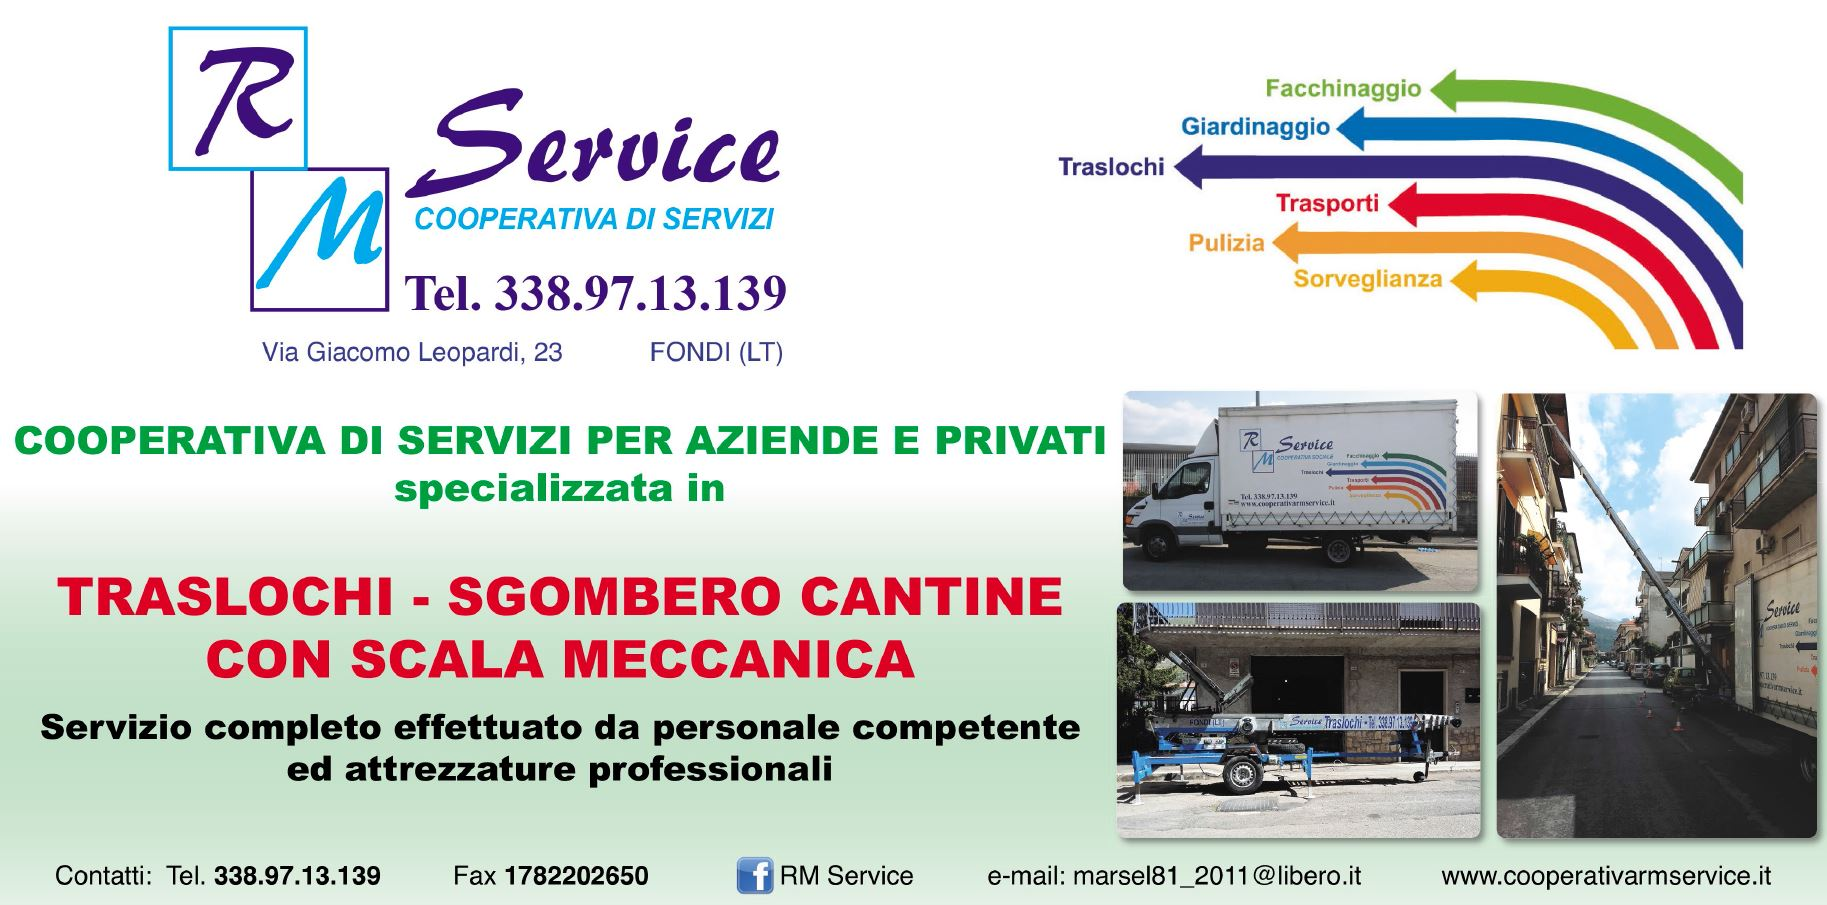 cooperativa di servizi